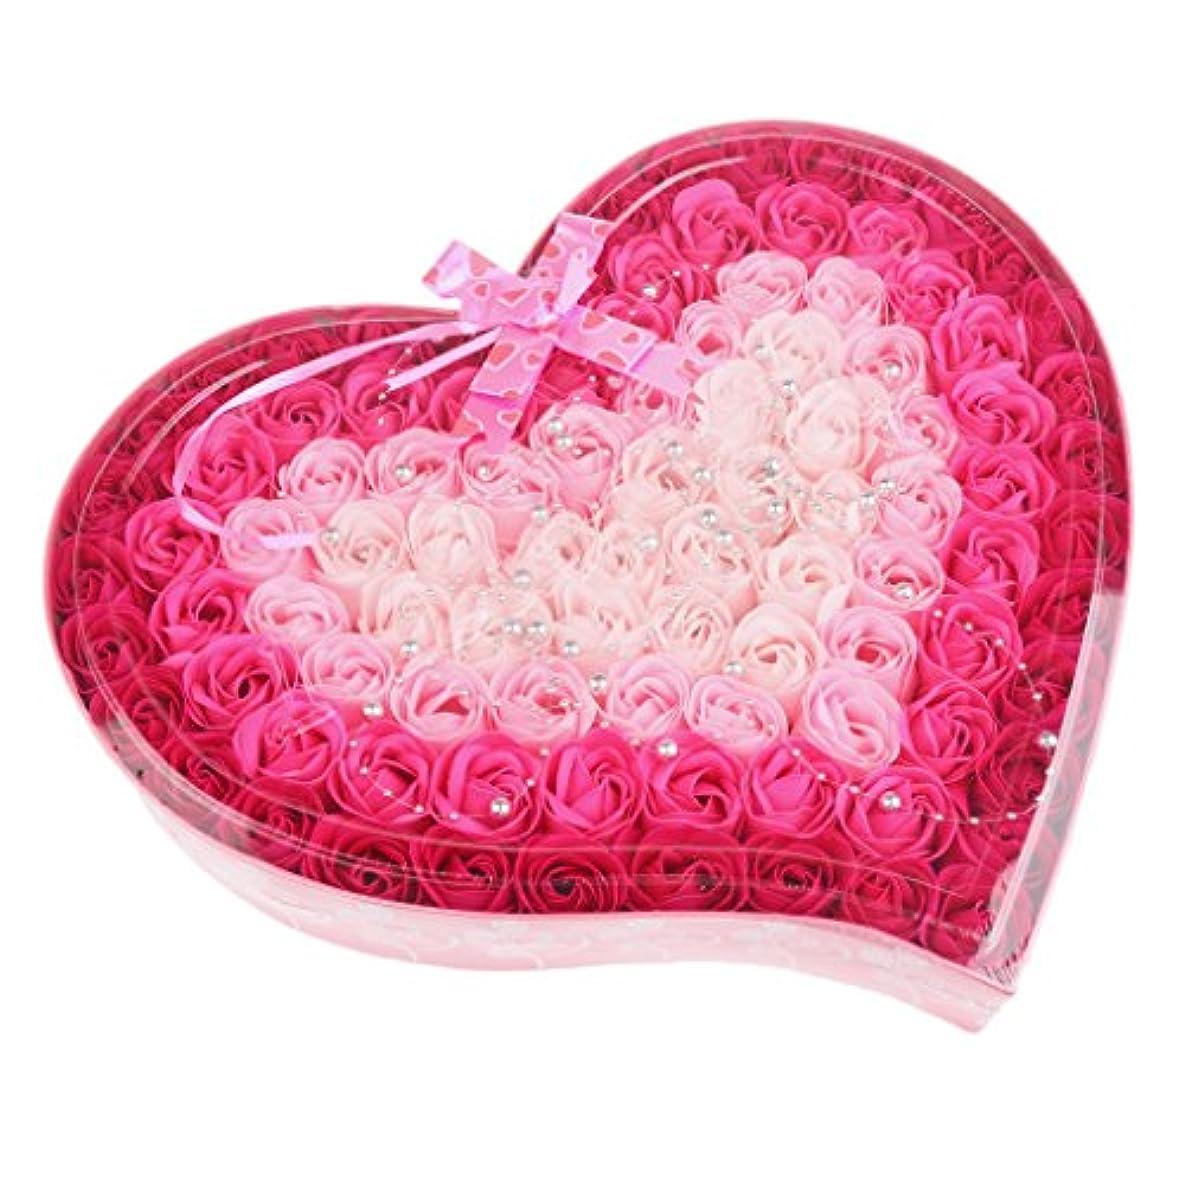 エンジンすでに協力Fenteer ソープフラワー  約100個 心の形 ギフトボックス 石鹸の花 誕生日  プレゼント 全4色選べる - ピンク